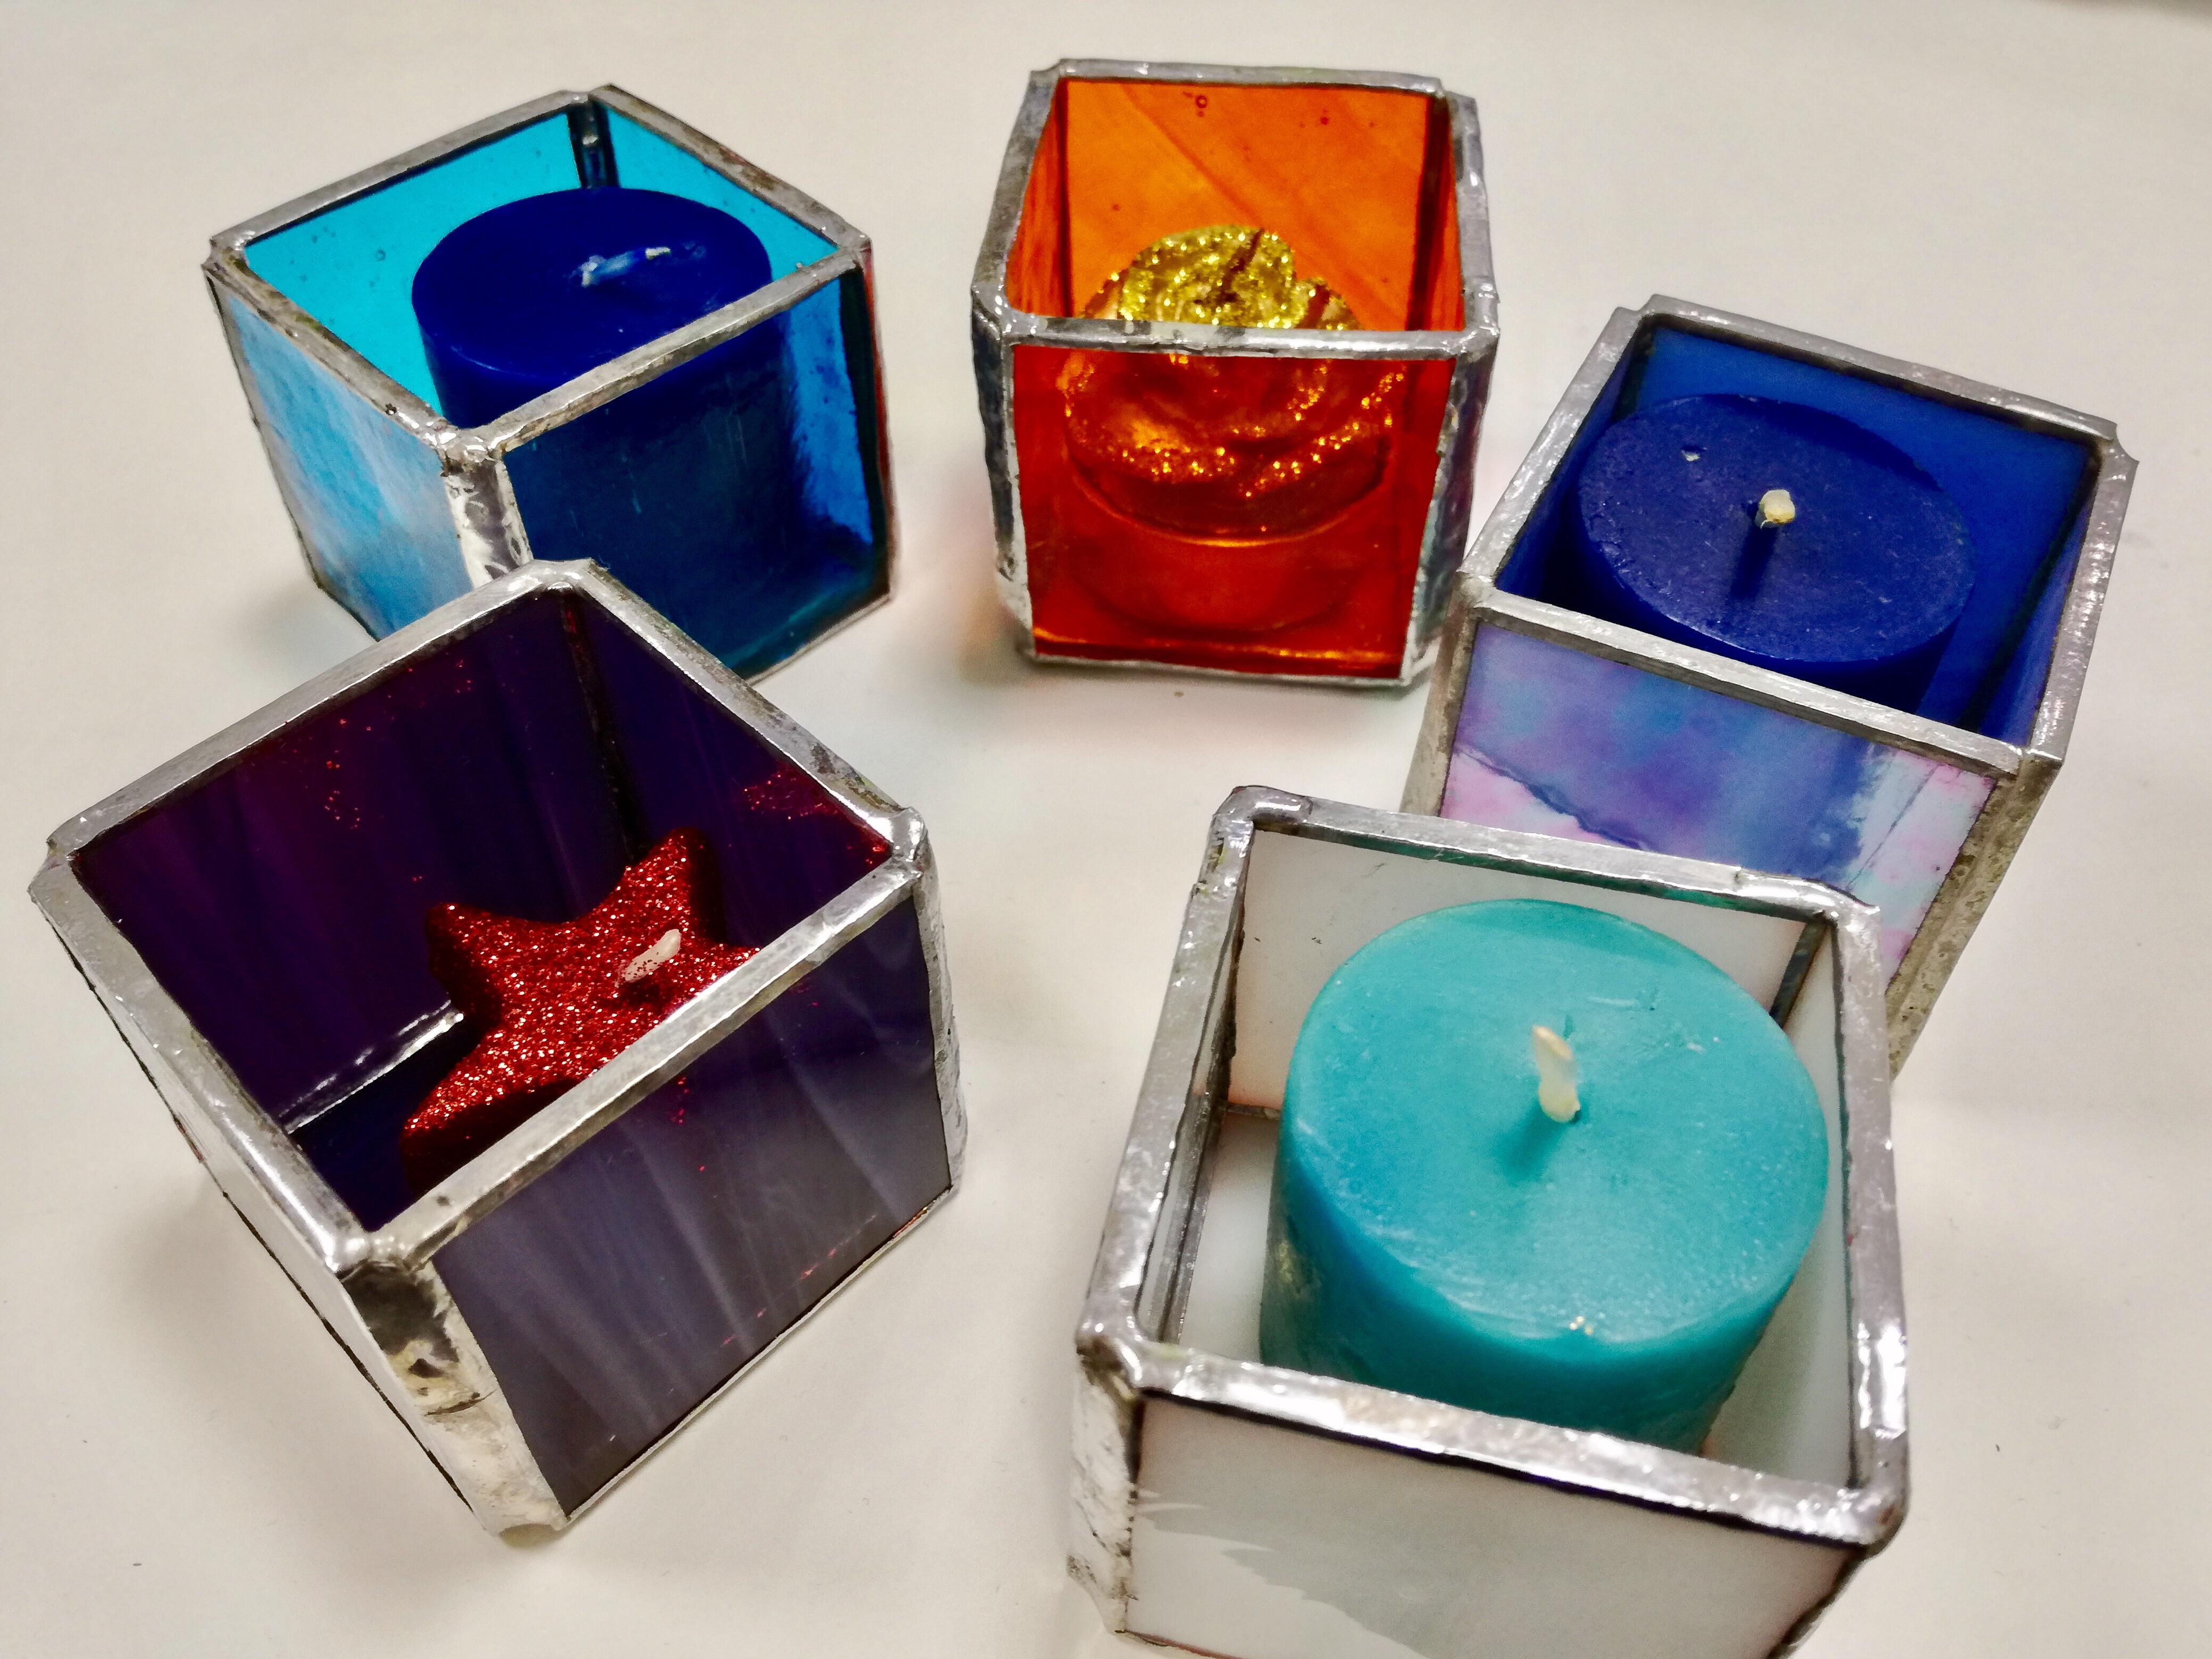 Foto di 5 portacandele colorati